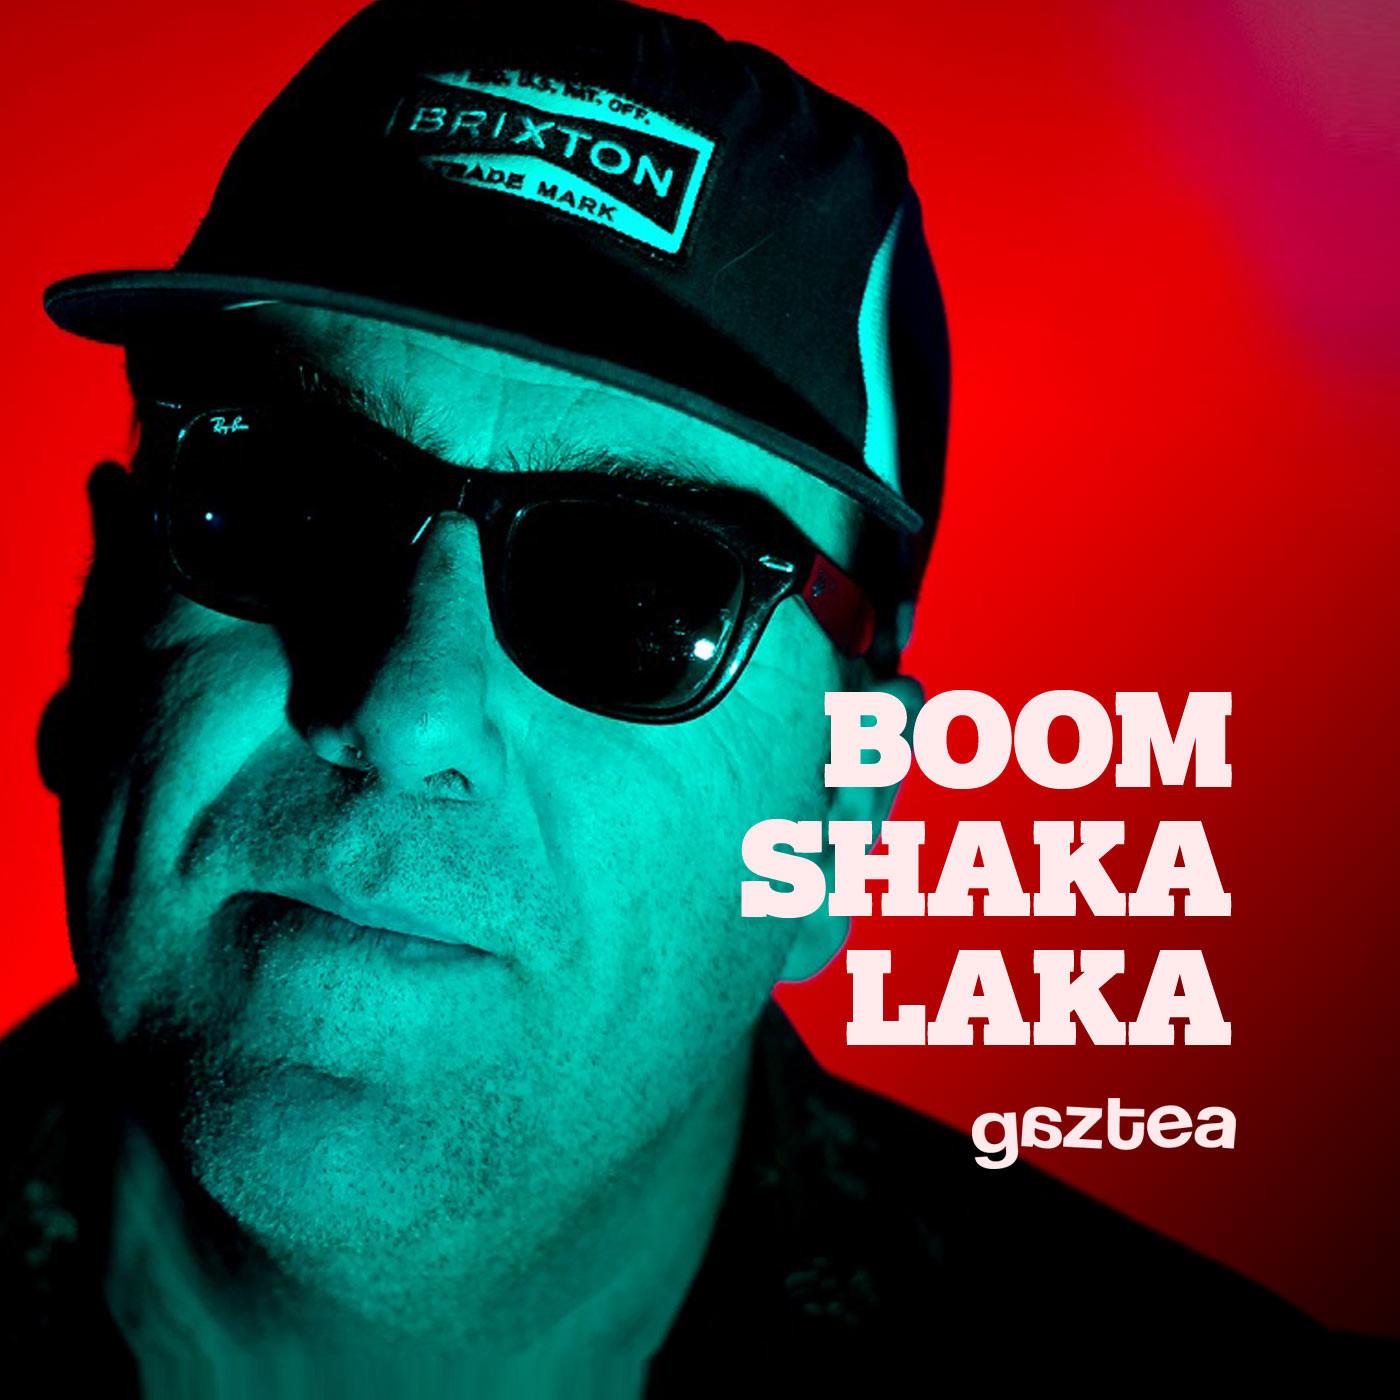 Boom Shaka Laka (2020/09/27)